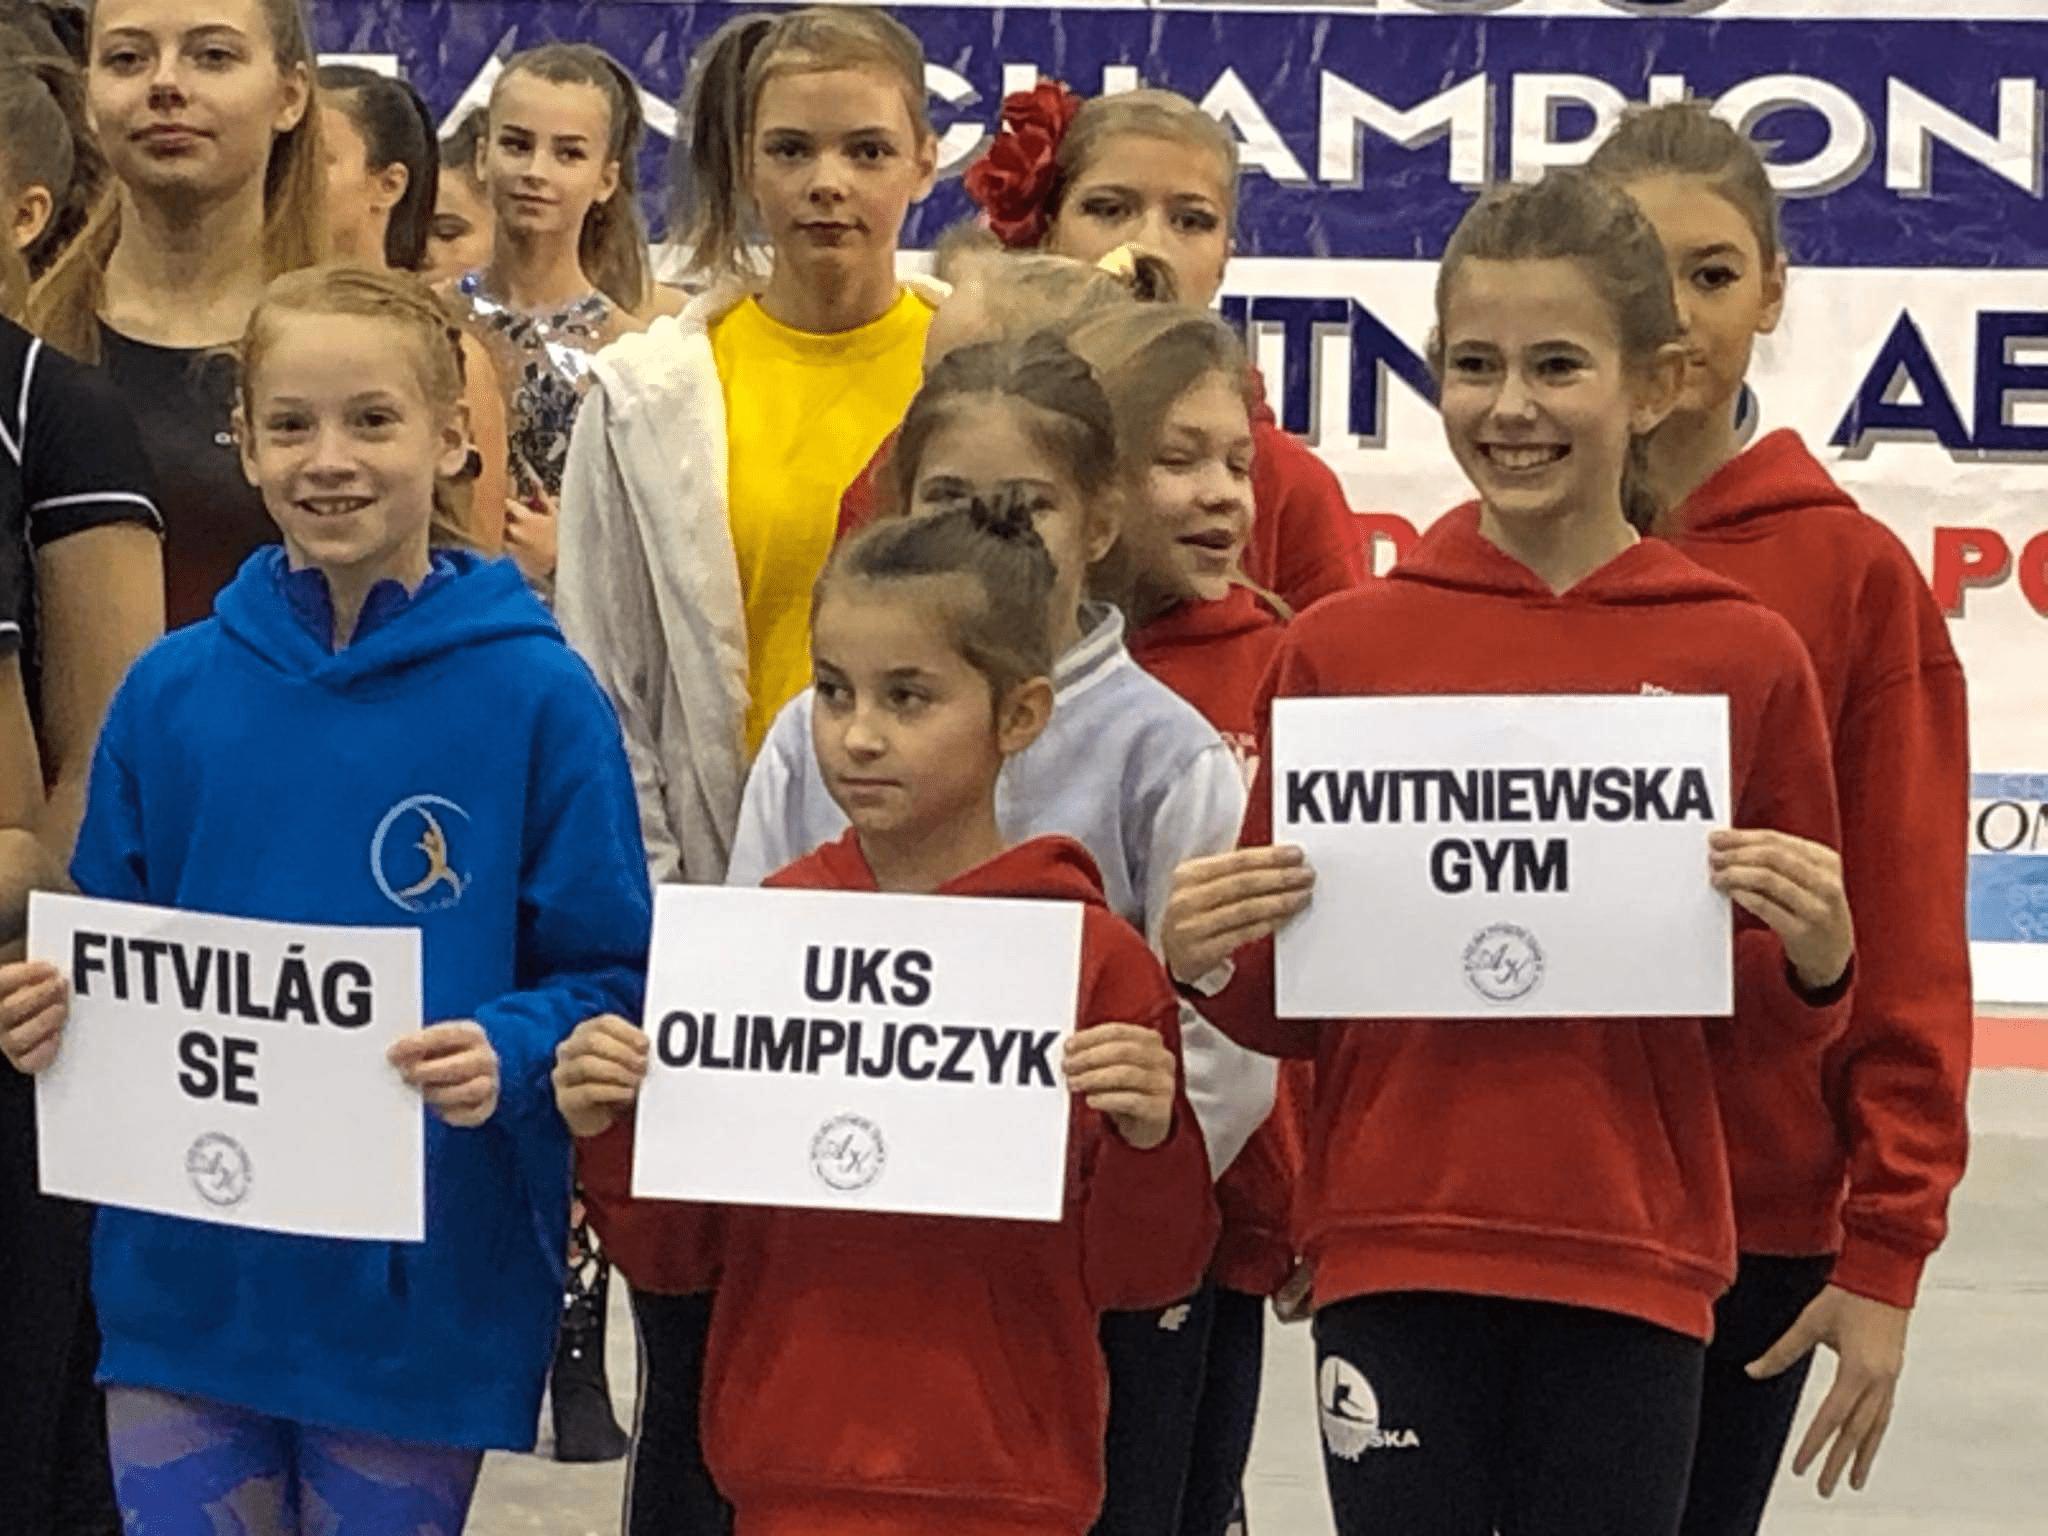 Rozpoczęły się Mistrzostwa Europy Fitness Fit-Kids & Fitness Aerobic